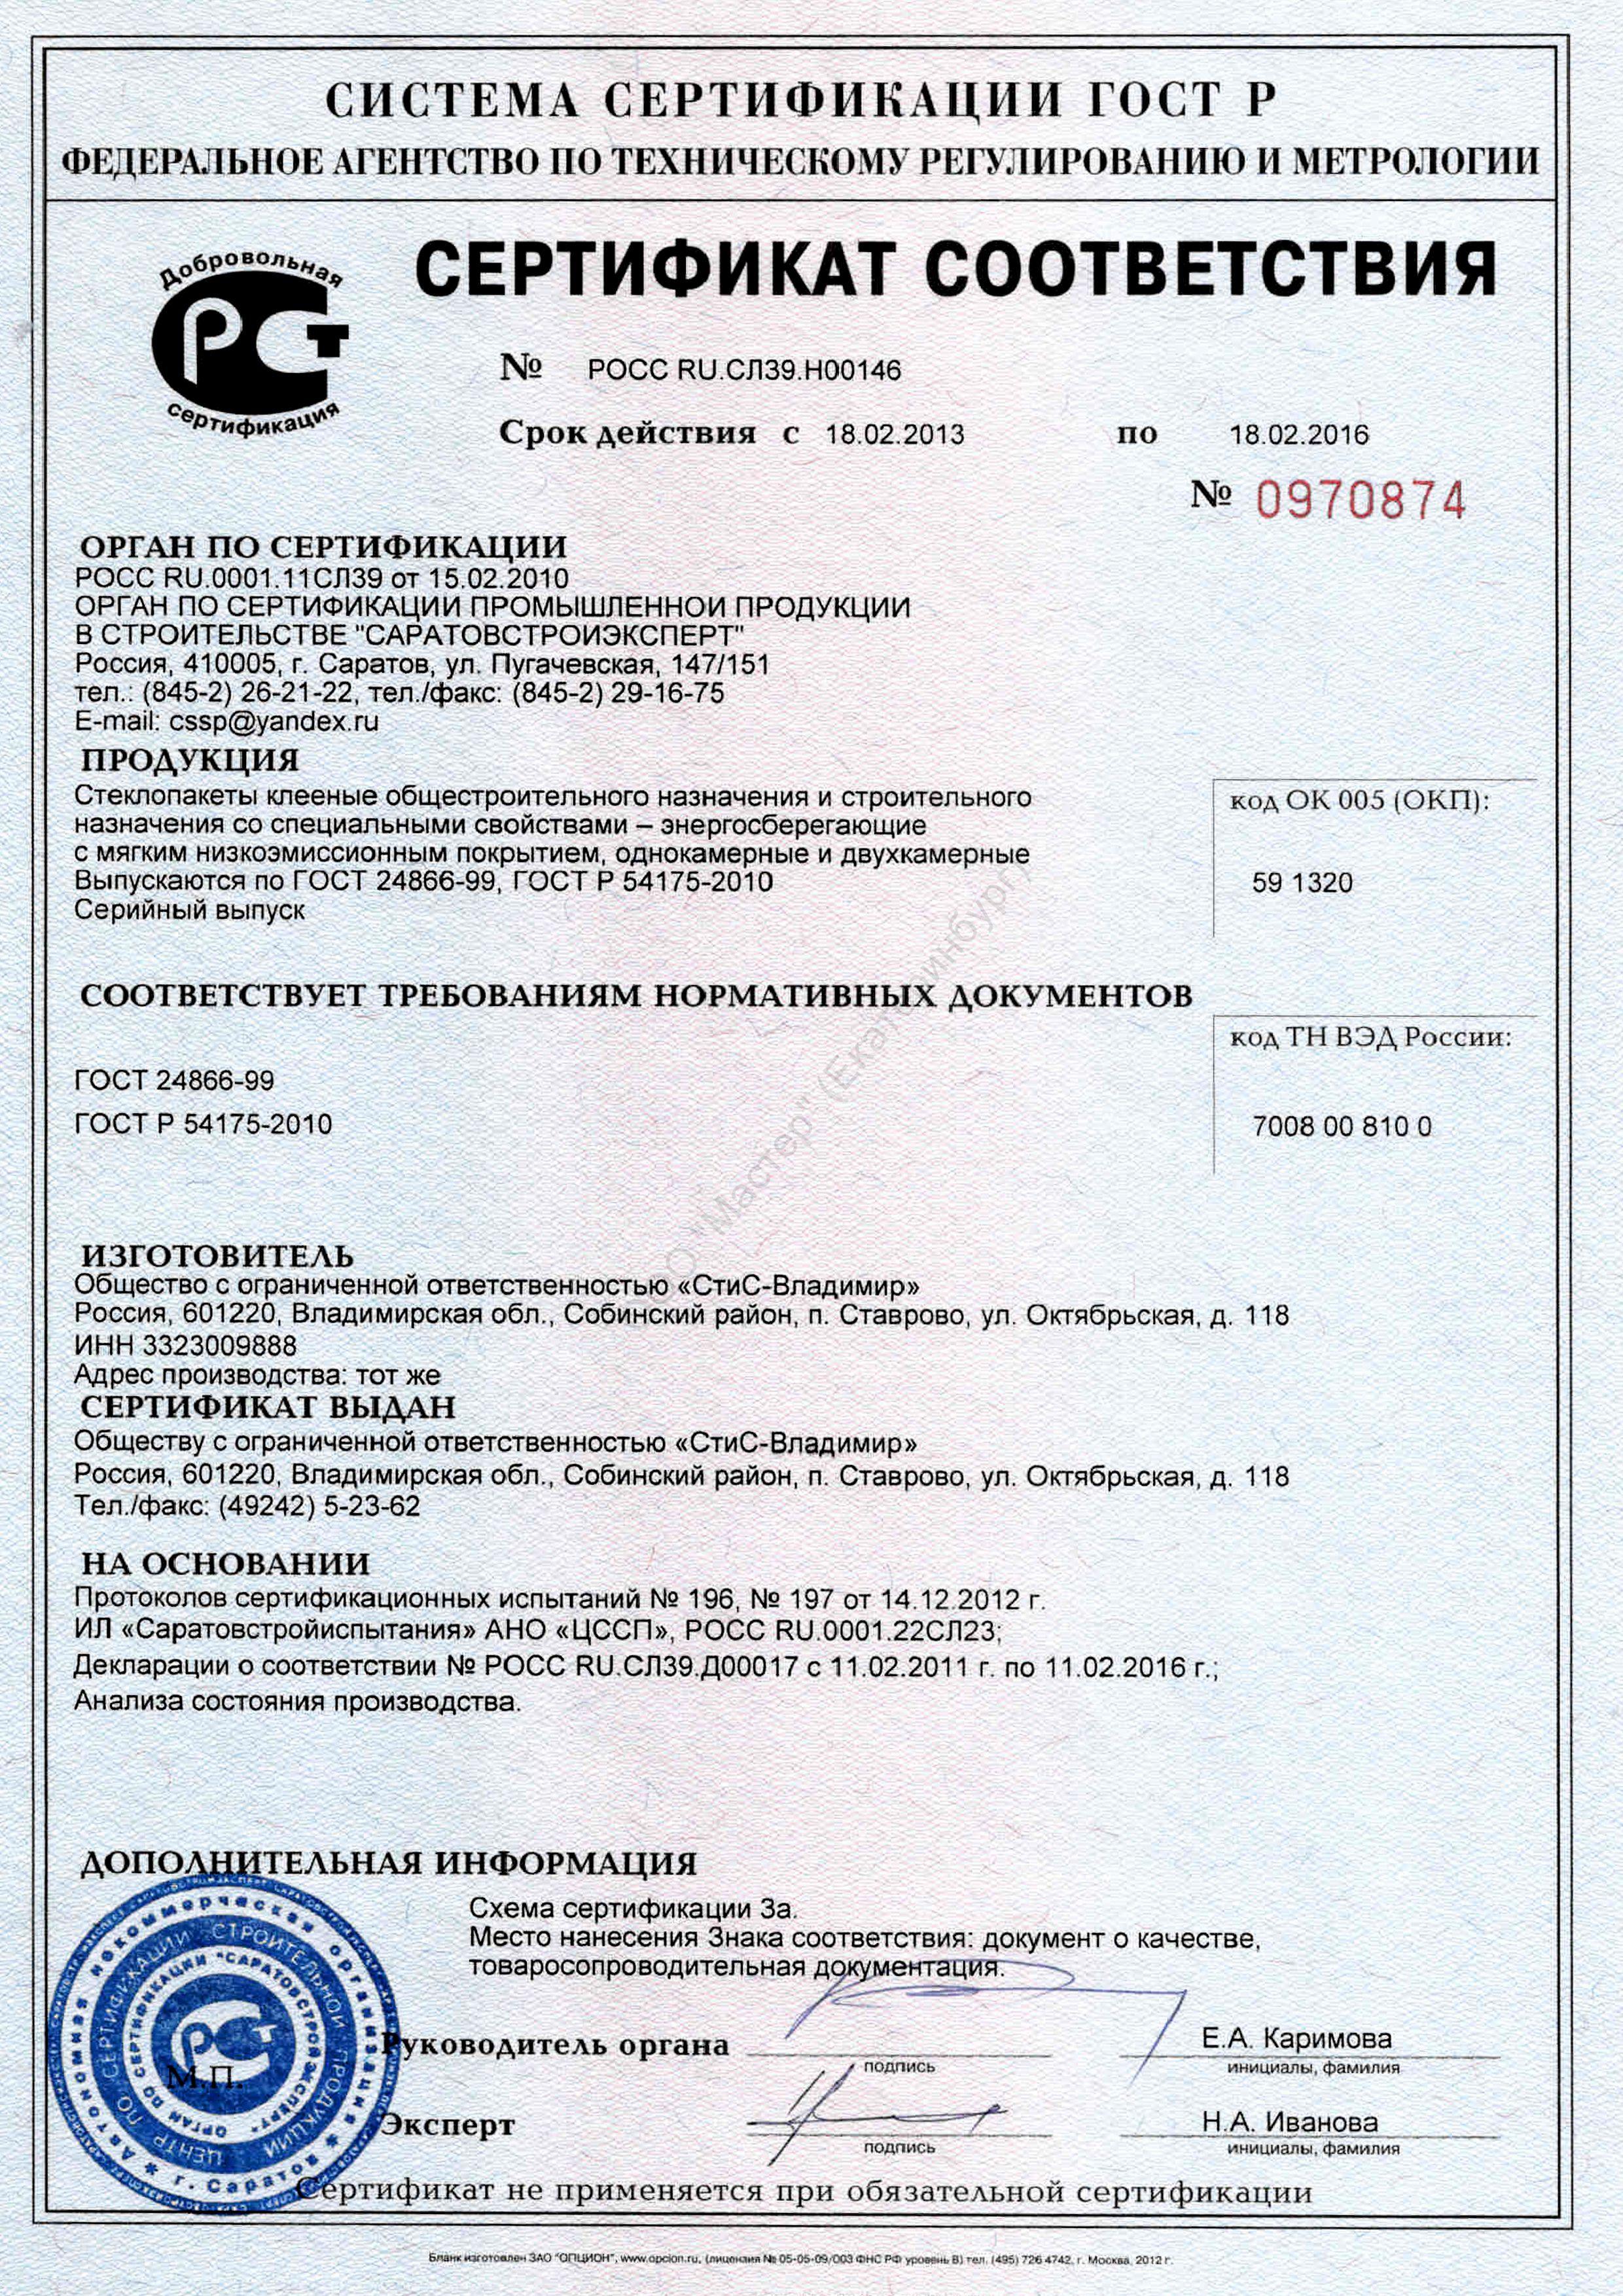 Сертификация энергосберегающей строительной продукции окончание срока действия сертификатов на соответствие гост р